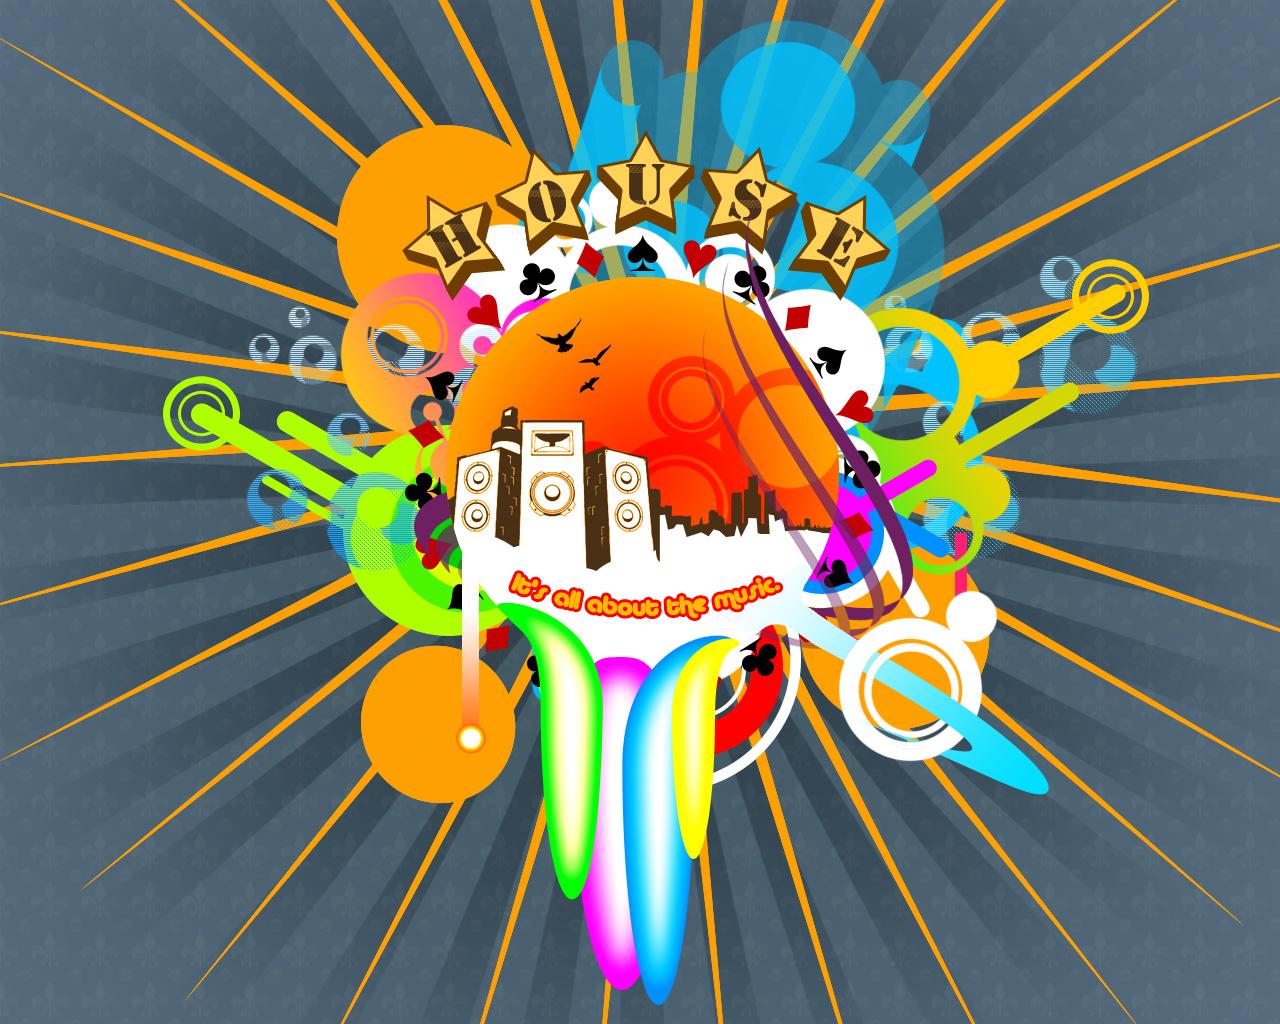 http://2.bp.blogspot.com/-dqDlqlOTzHA/TbWCX5GU3iI/AAAAAAAAAFs/85EIwpSfmFs/s1600/music+wallpaper.jpg